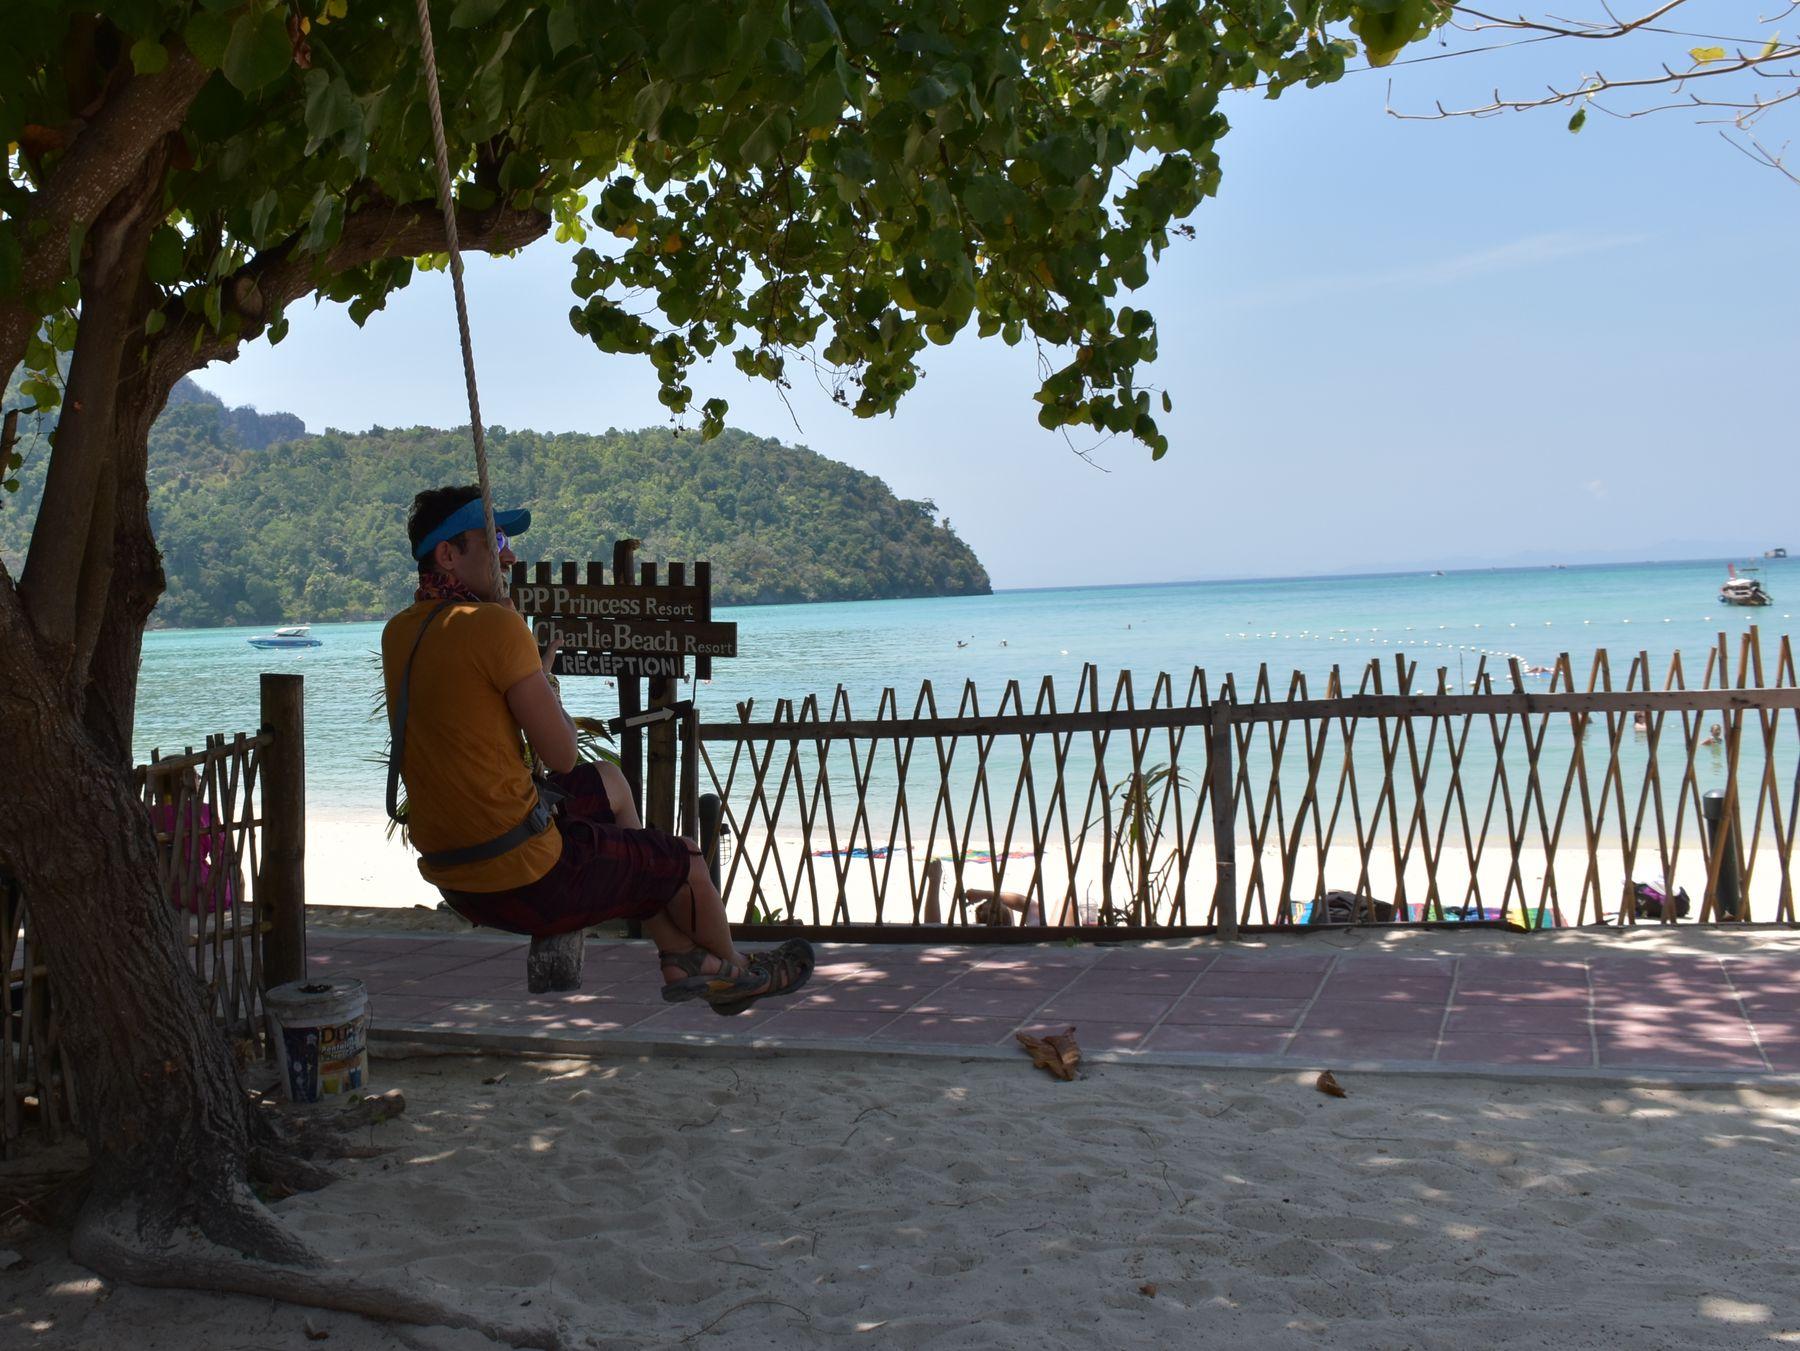 مملیکا در جزیره فی فی تایلند